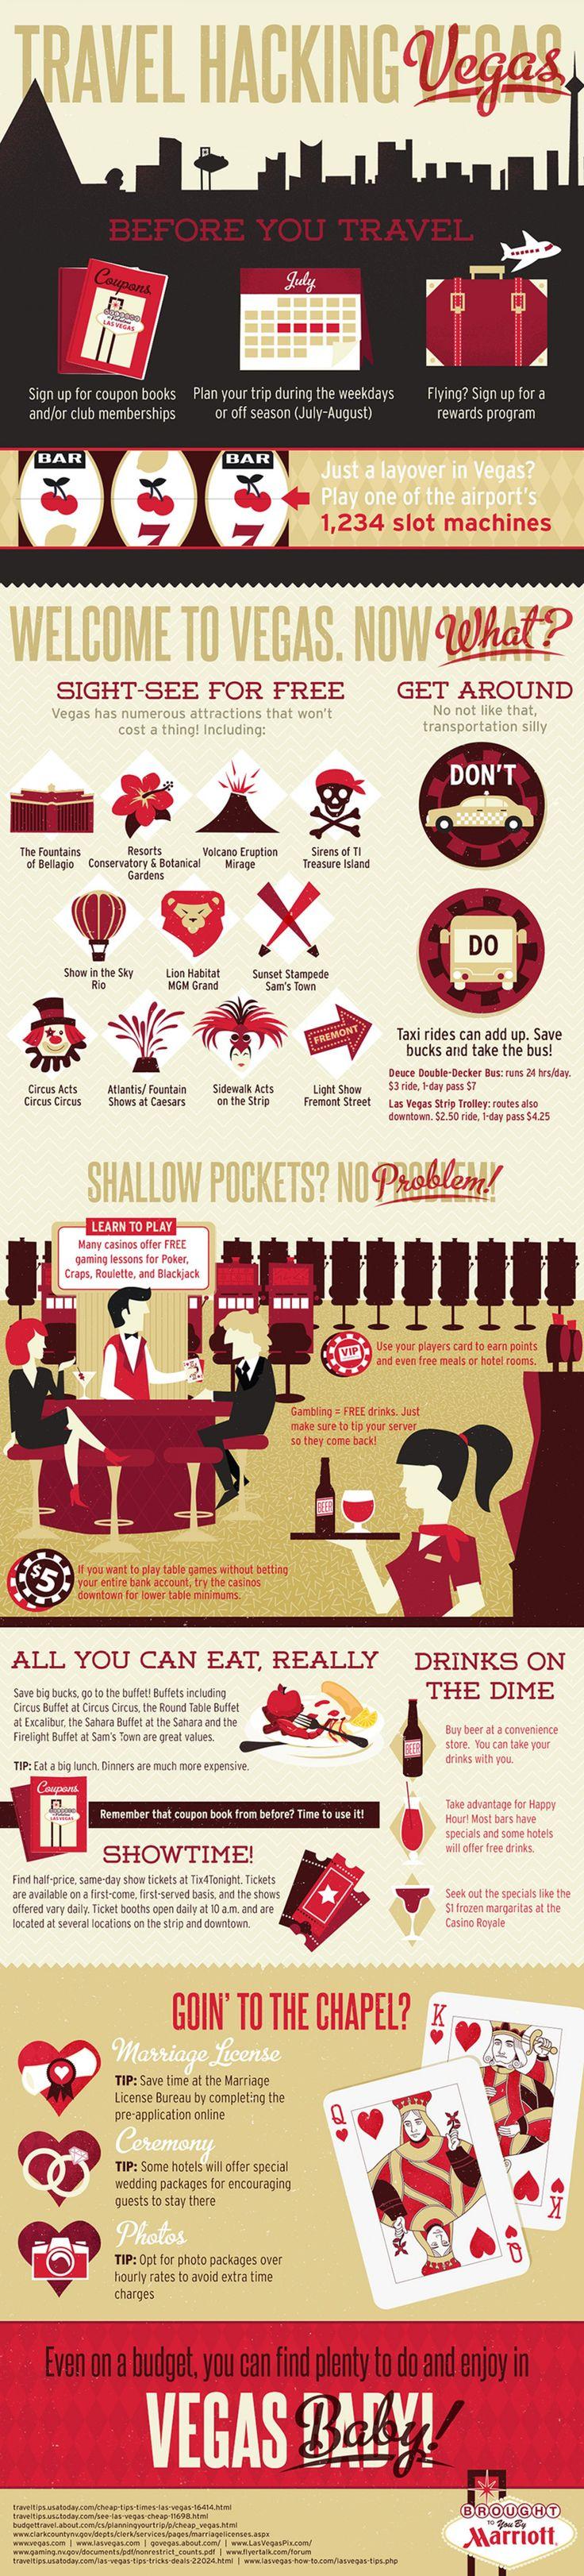 Travel Hacking Vegas: Las Vegas Deals Infographic